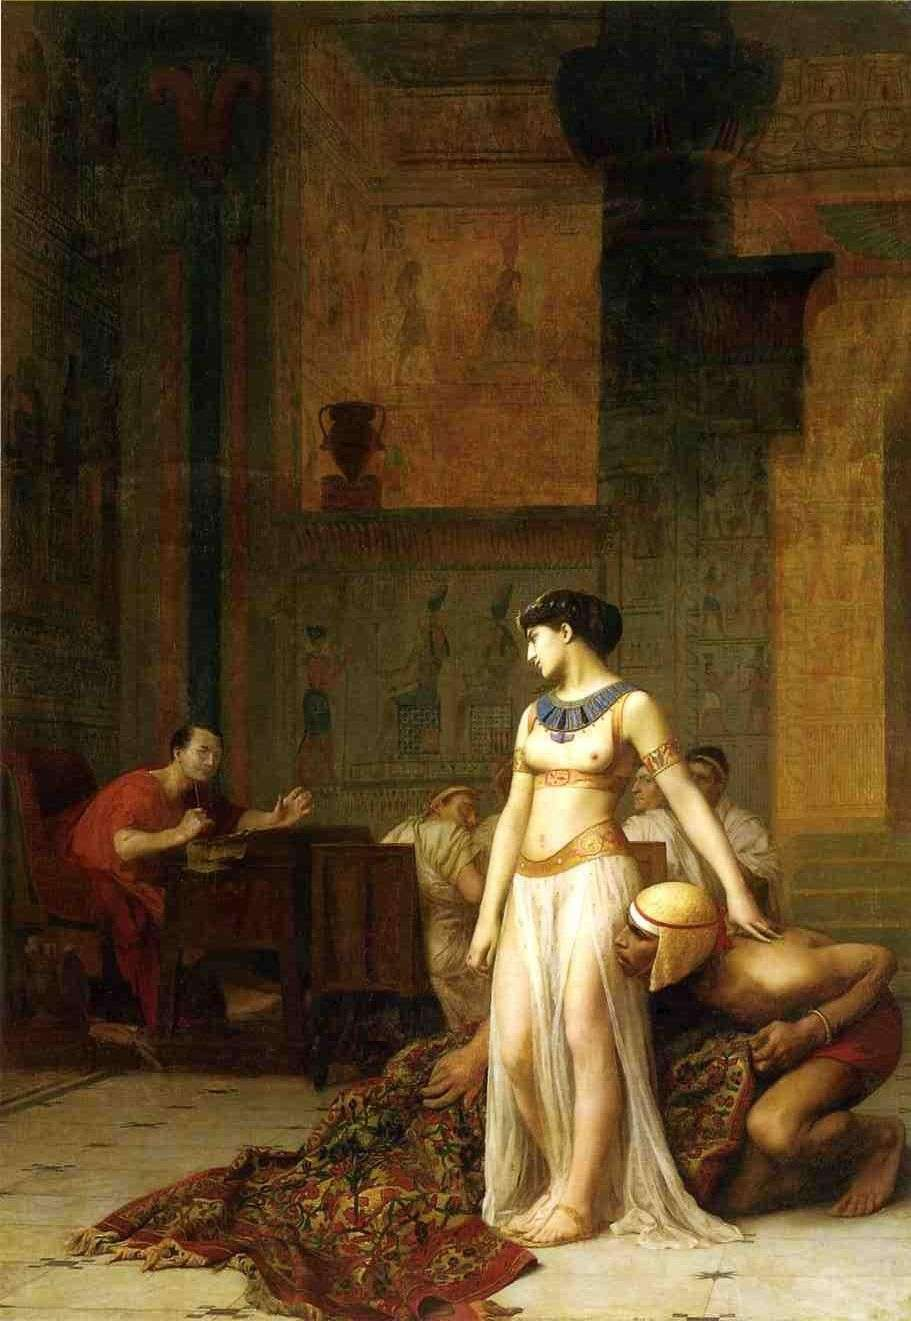 Η πρώτη συνάντηση Κλεοπάτρας και Ιουλίου Καίσαρα, έργο του Ζαν-Λεόν Ζερόμ, λάδι σε καμβά, 1866.